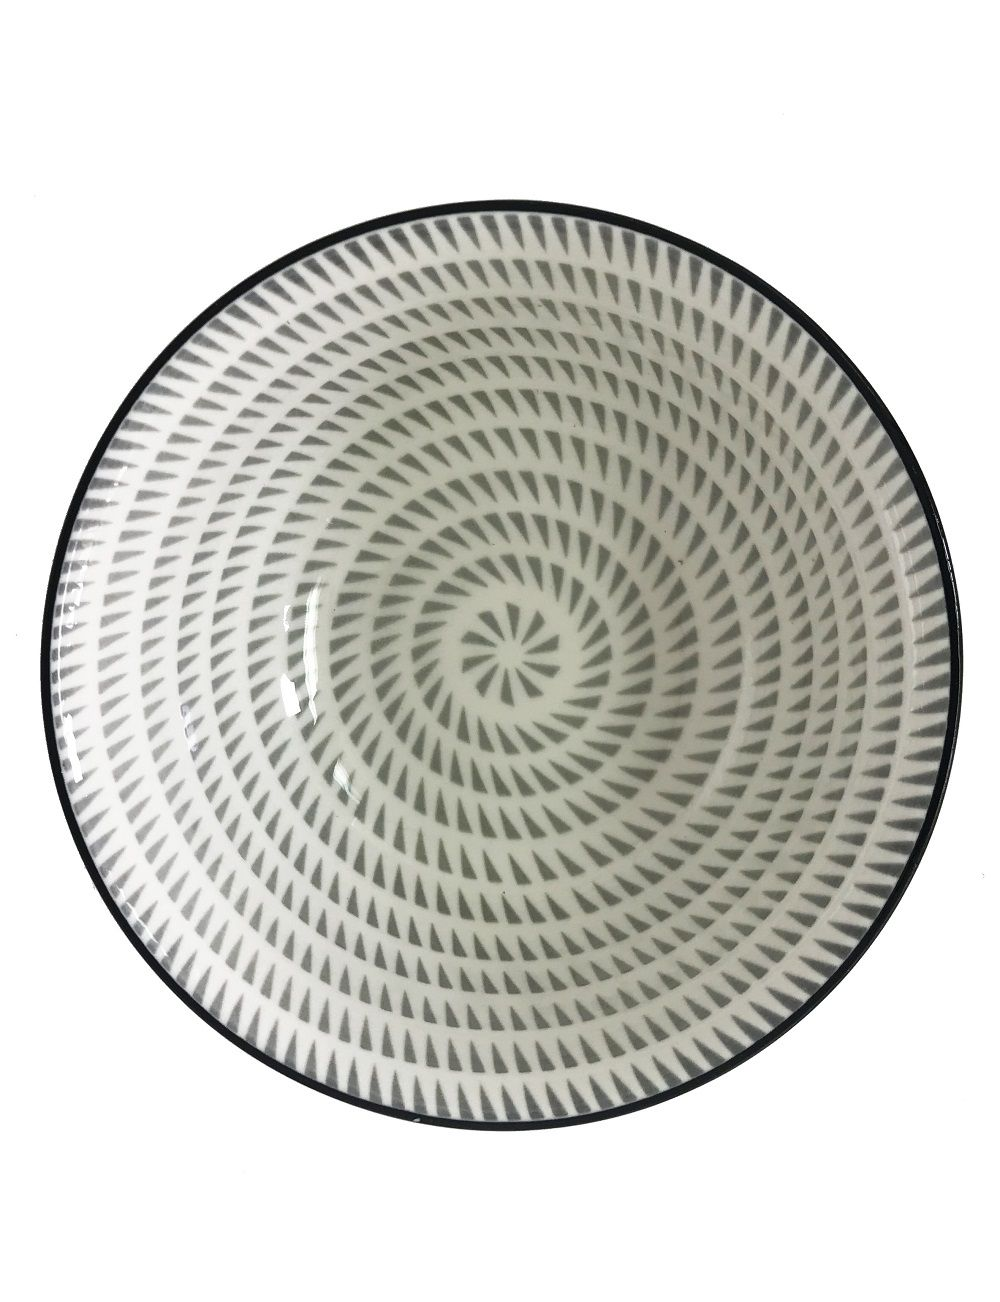 Bowl de Cerâmica Pontilhados Preto e Branco